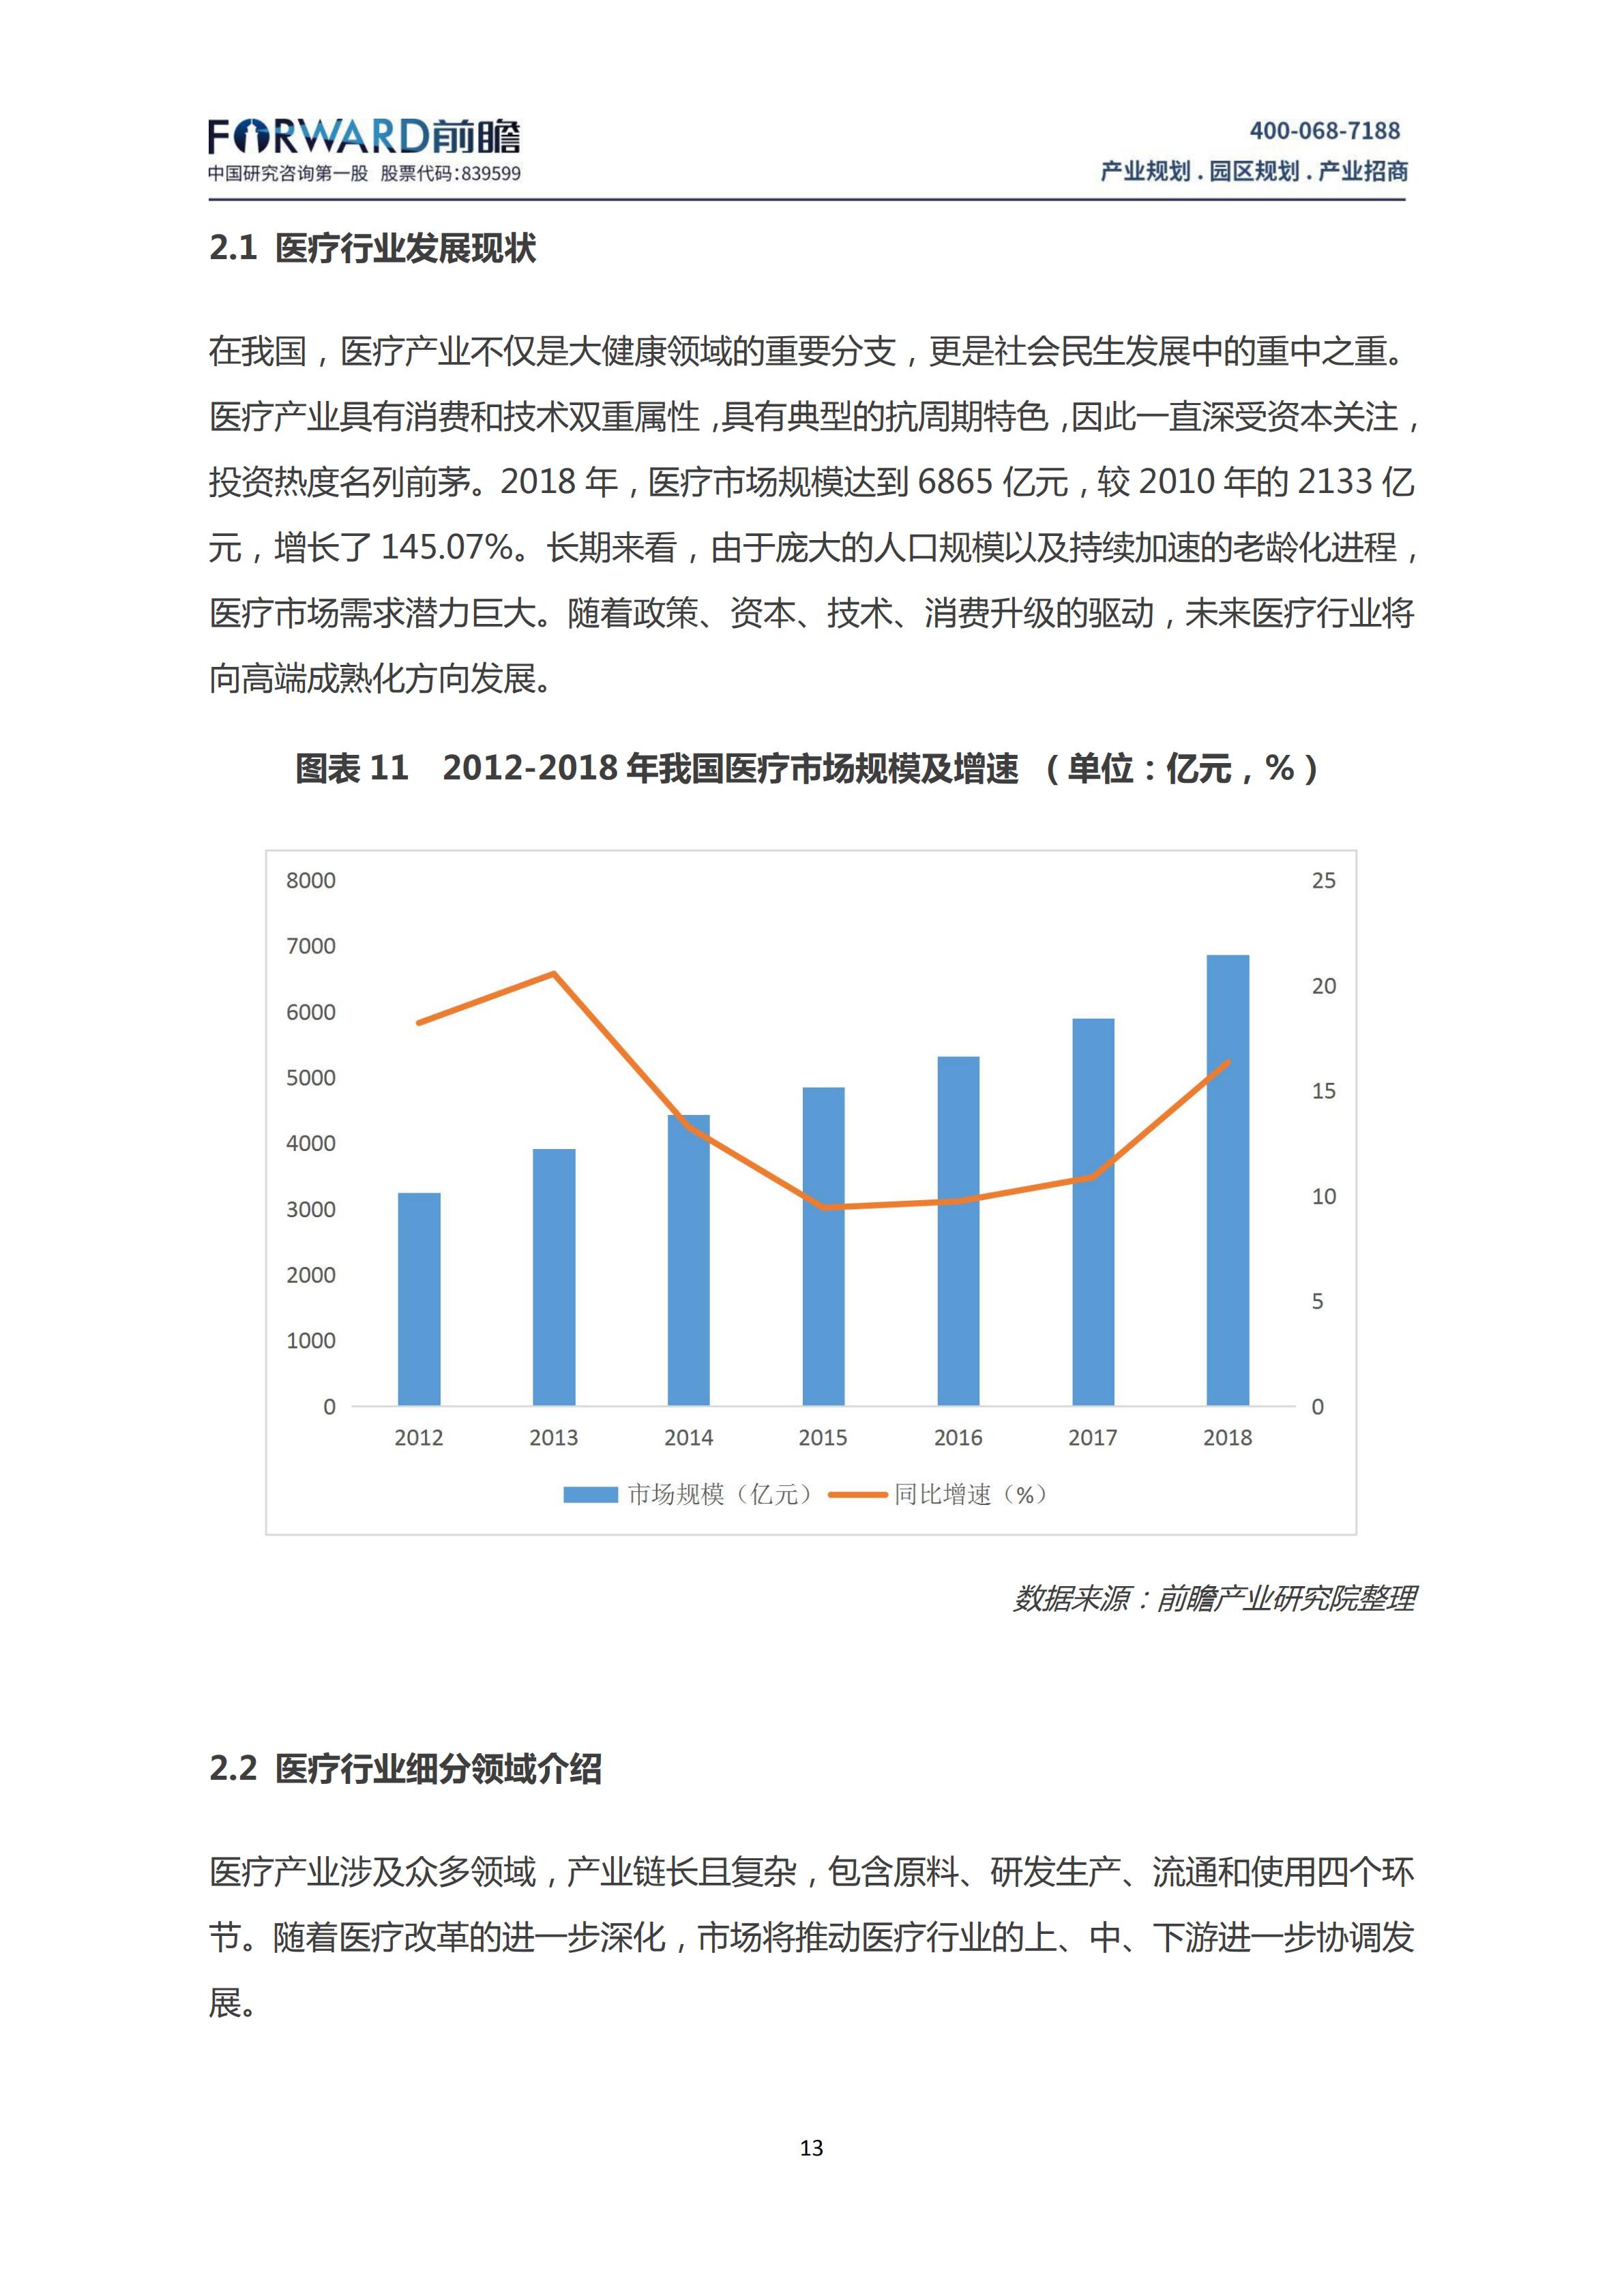 中国大健康产业发展现状及趋势分析_14.png